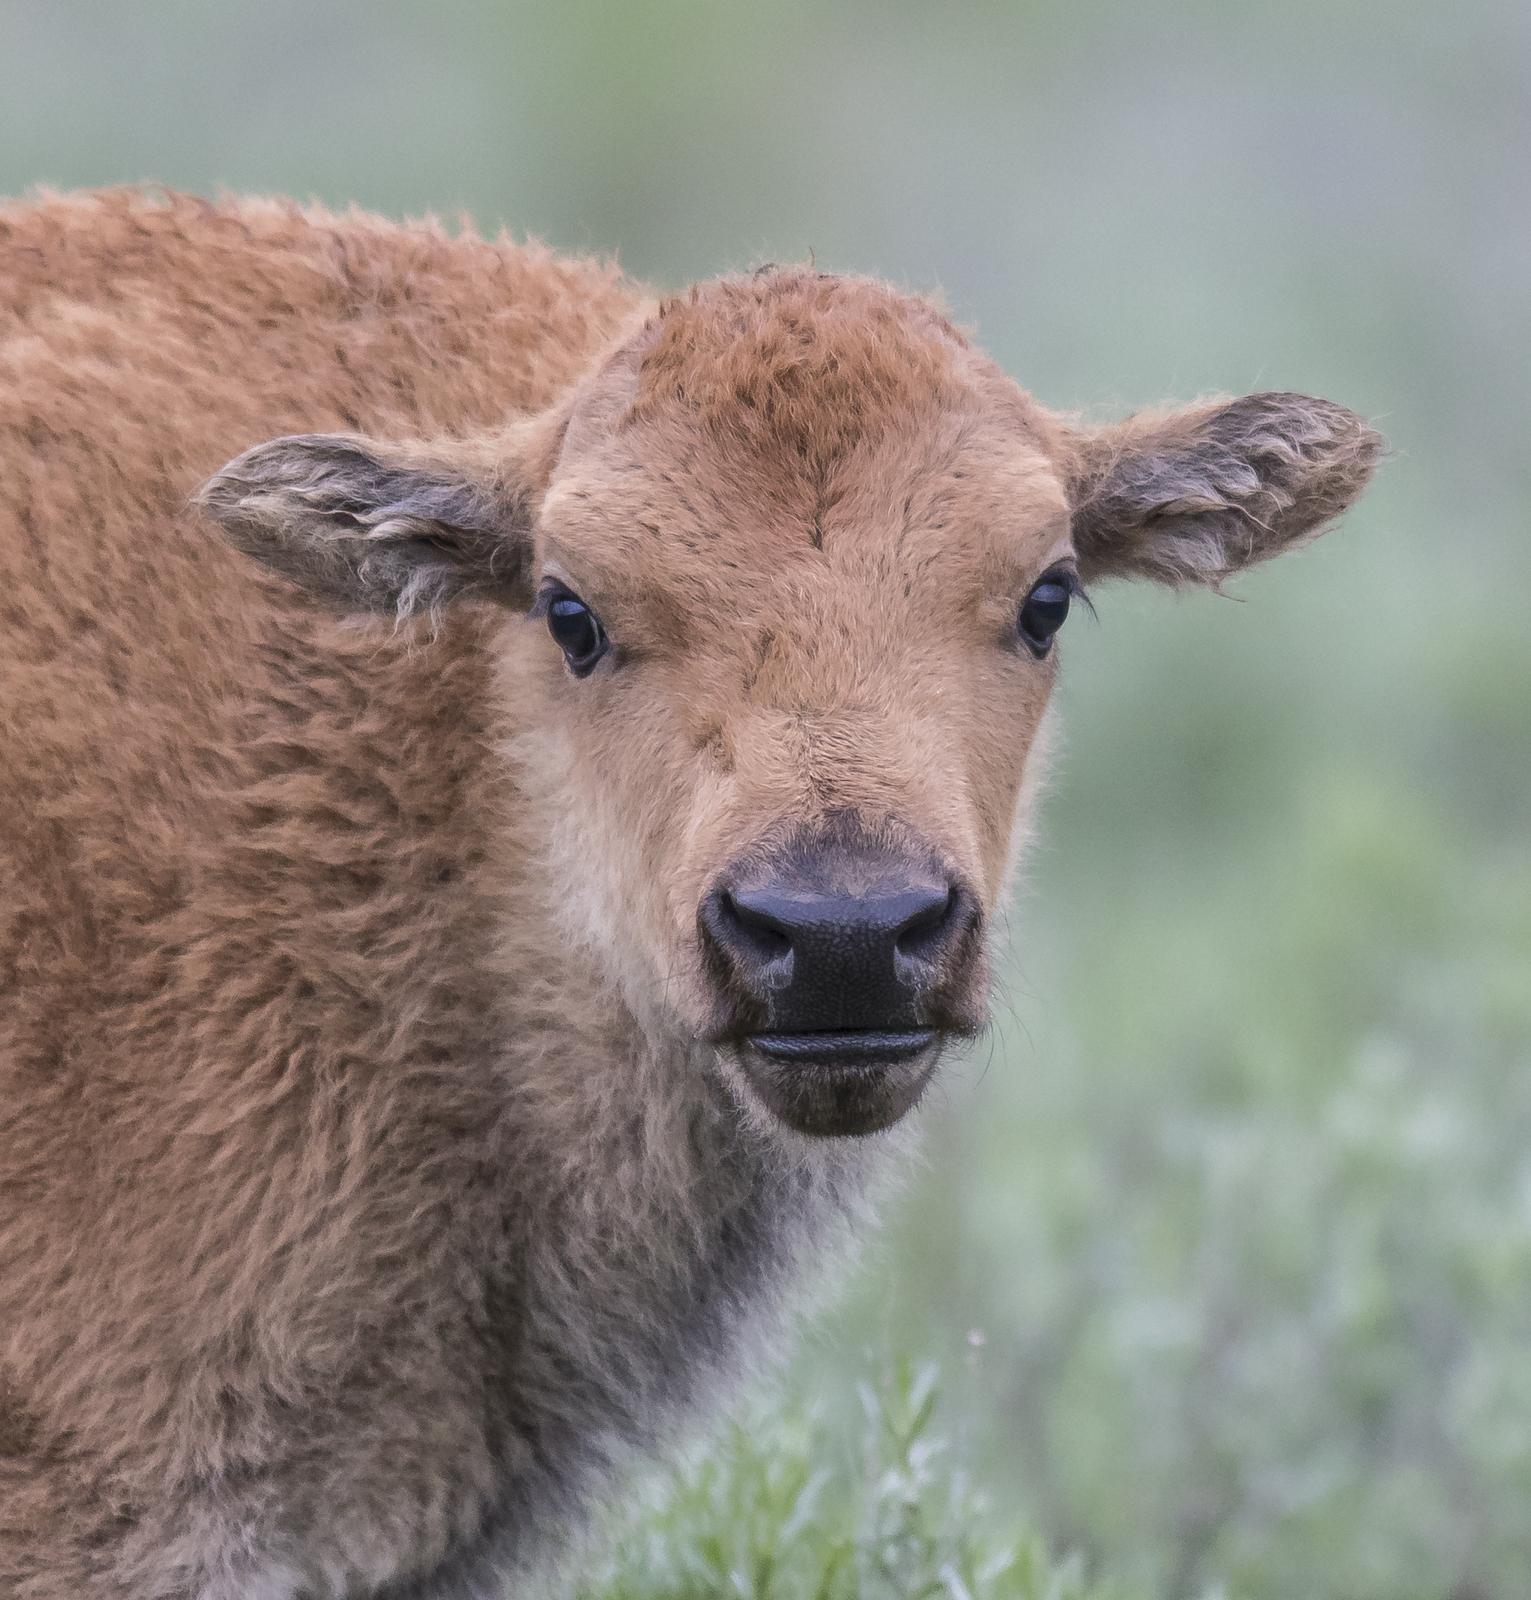 Baby bison head shot